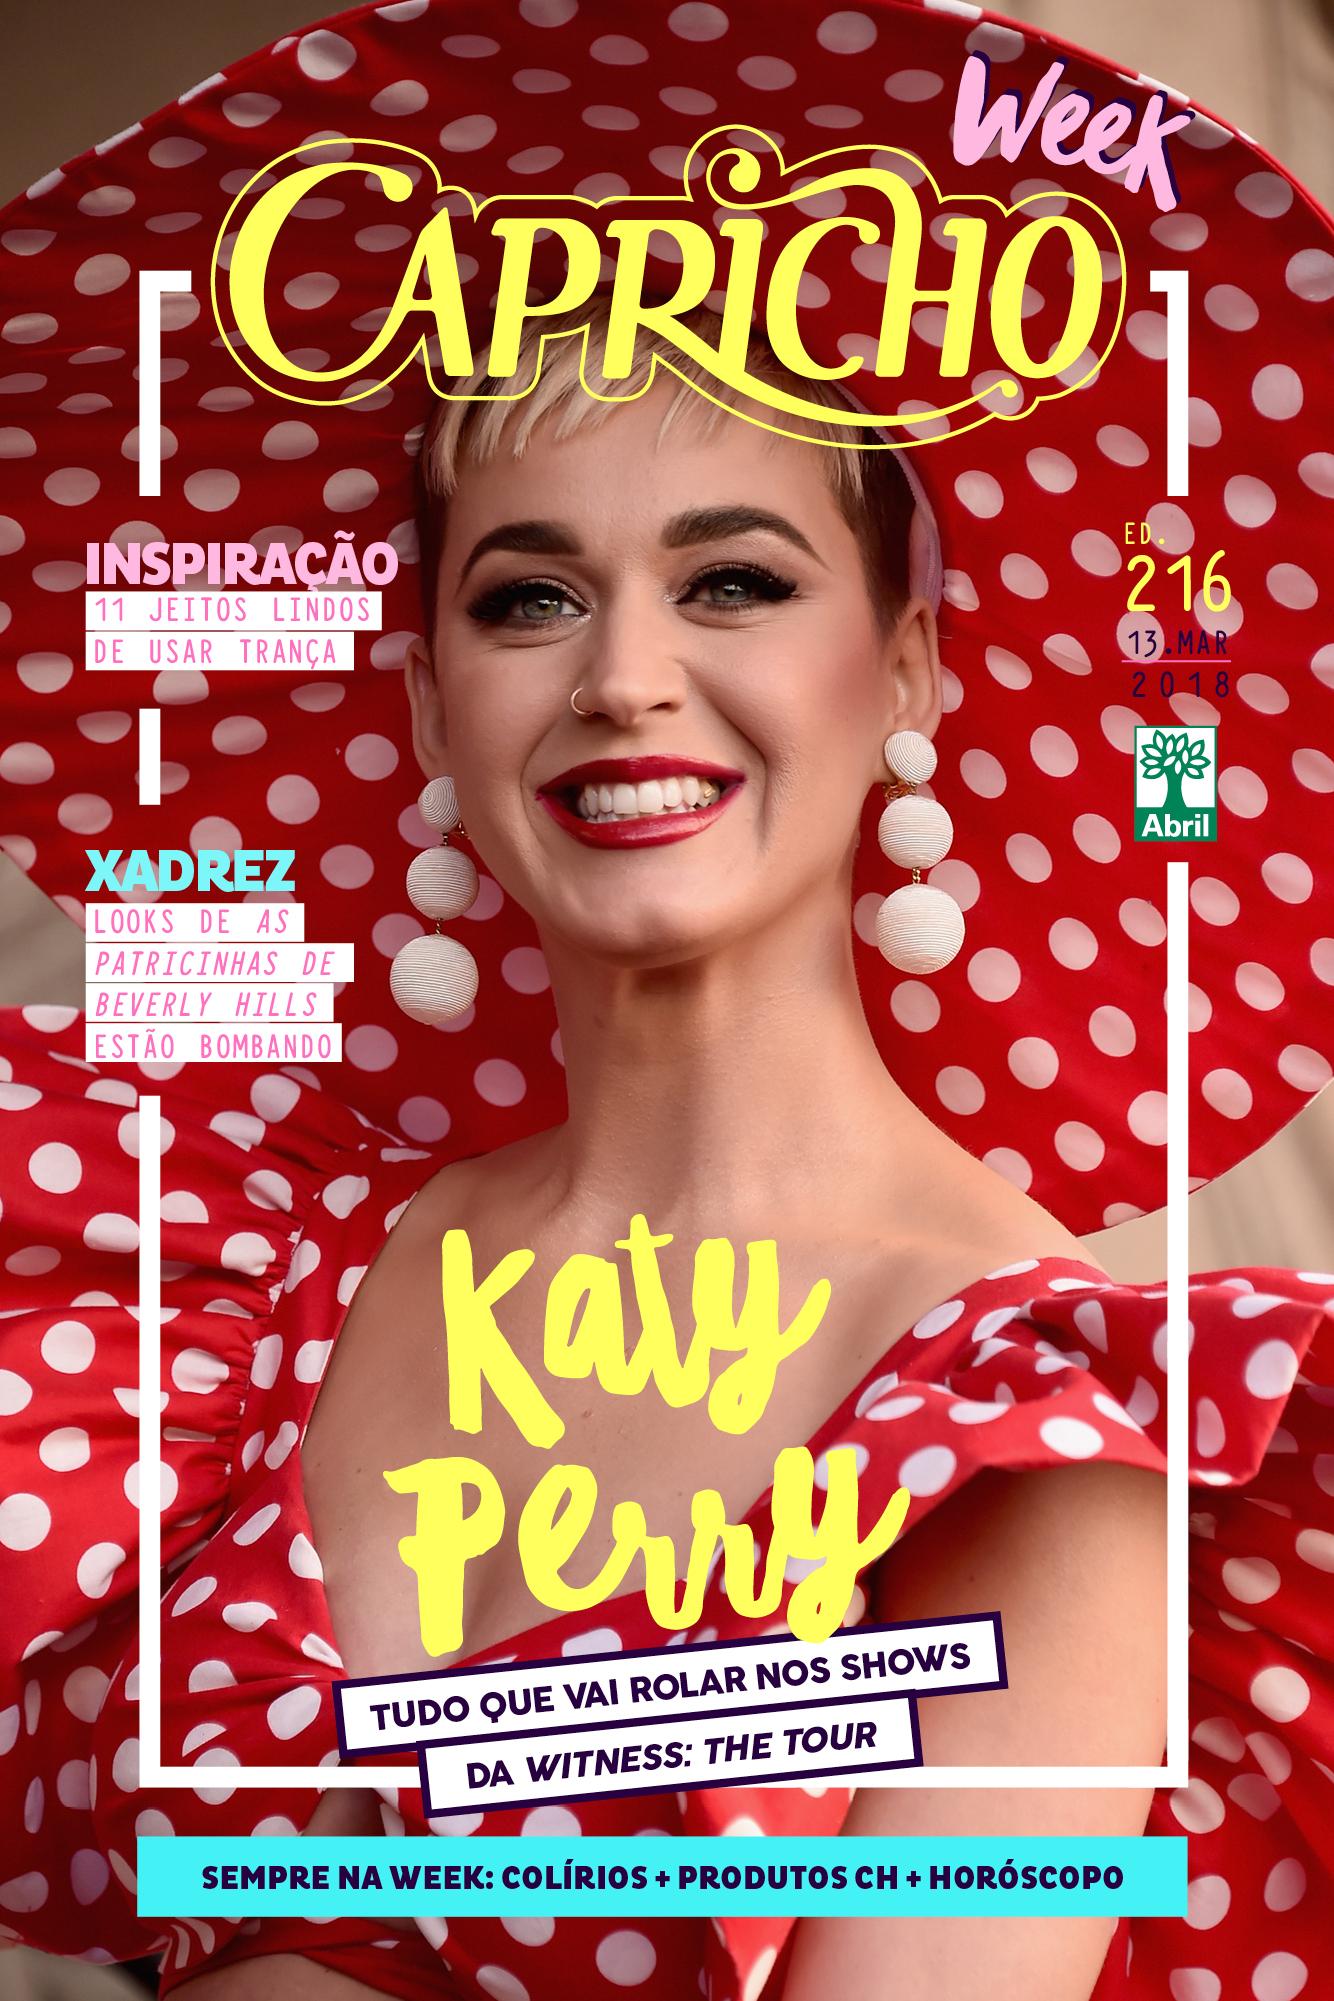 capa-capricho-week-katy-perry